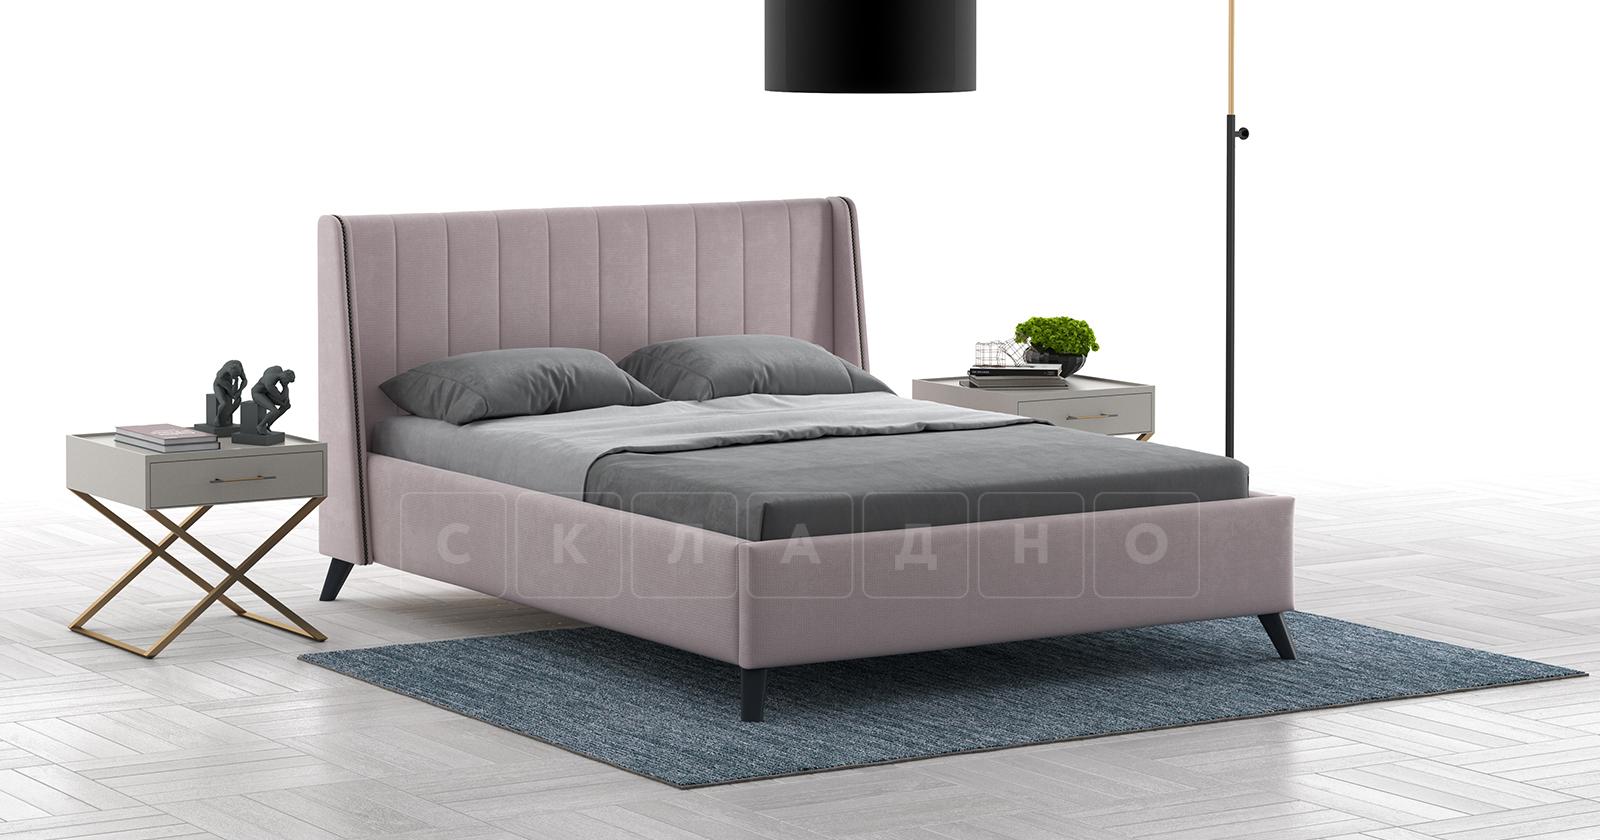 Мягкая кровать Мелисса 160 см велюр ява фото 3 | интернет-магазин Складно